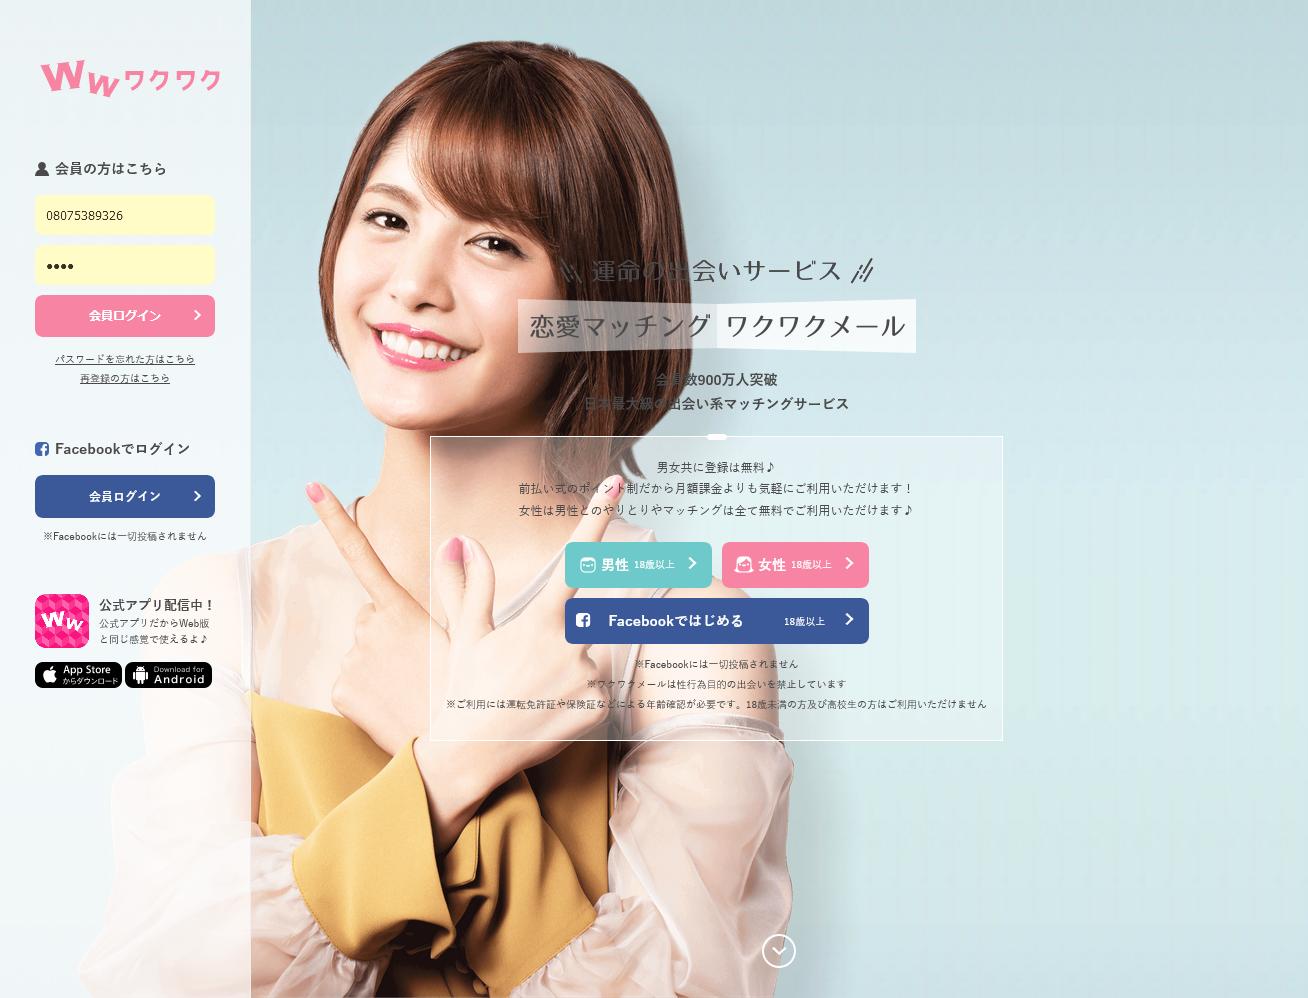 ワクワクメール - 恋愛マッチング・出会い系サイト